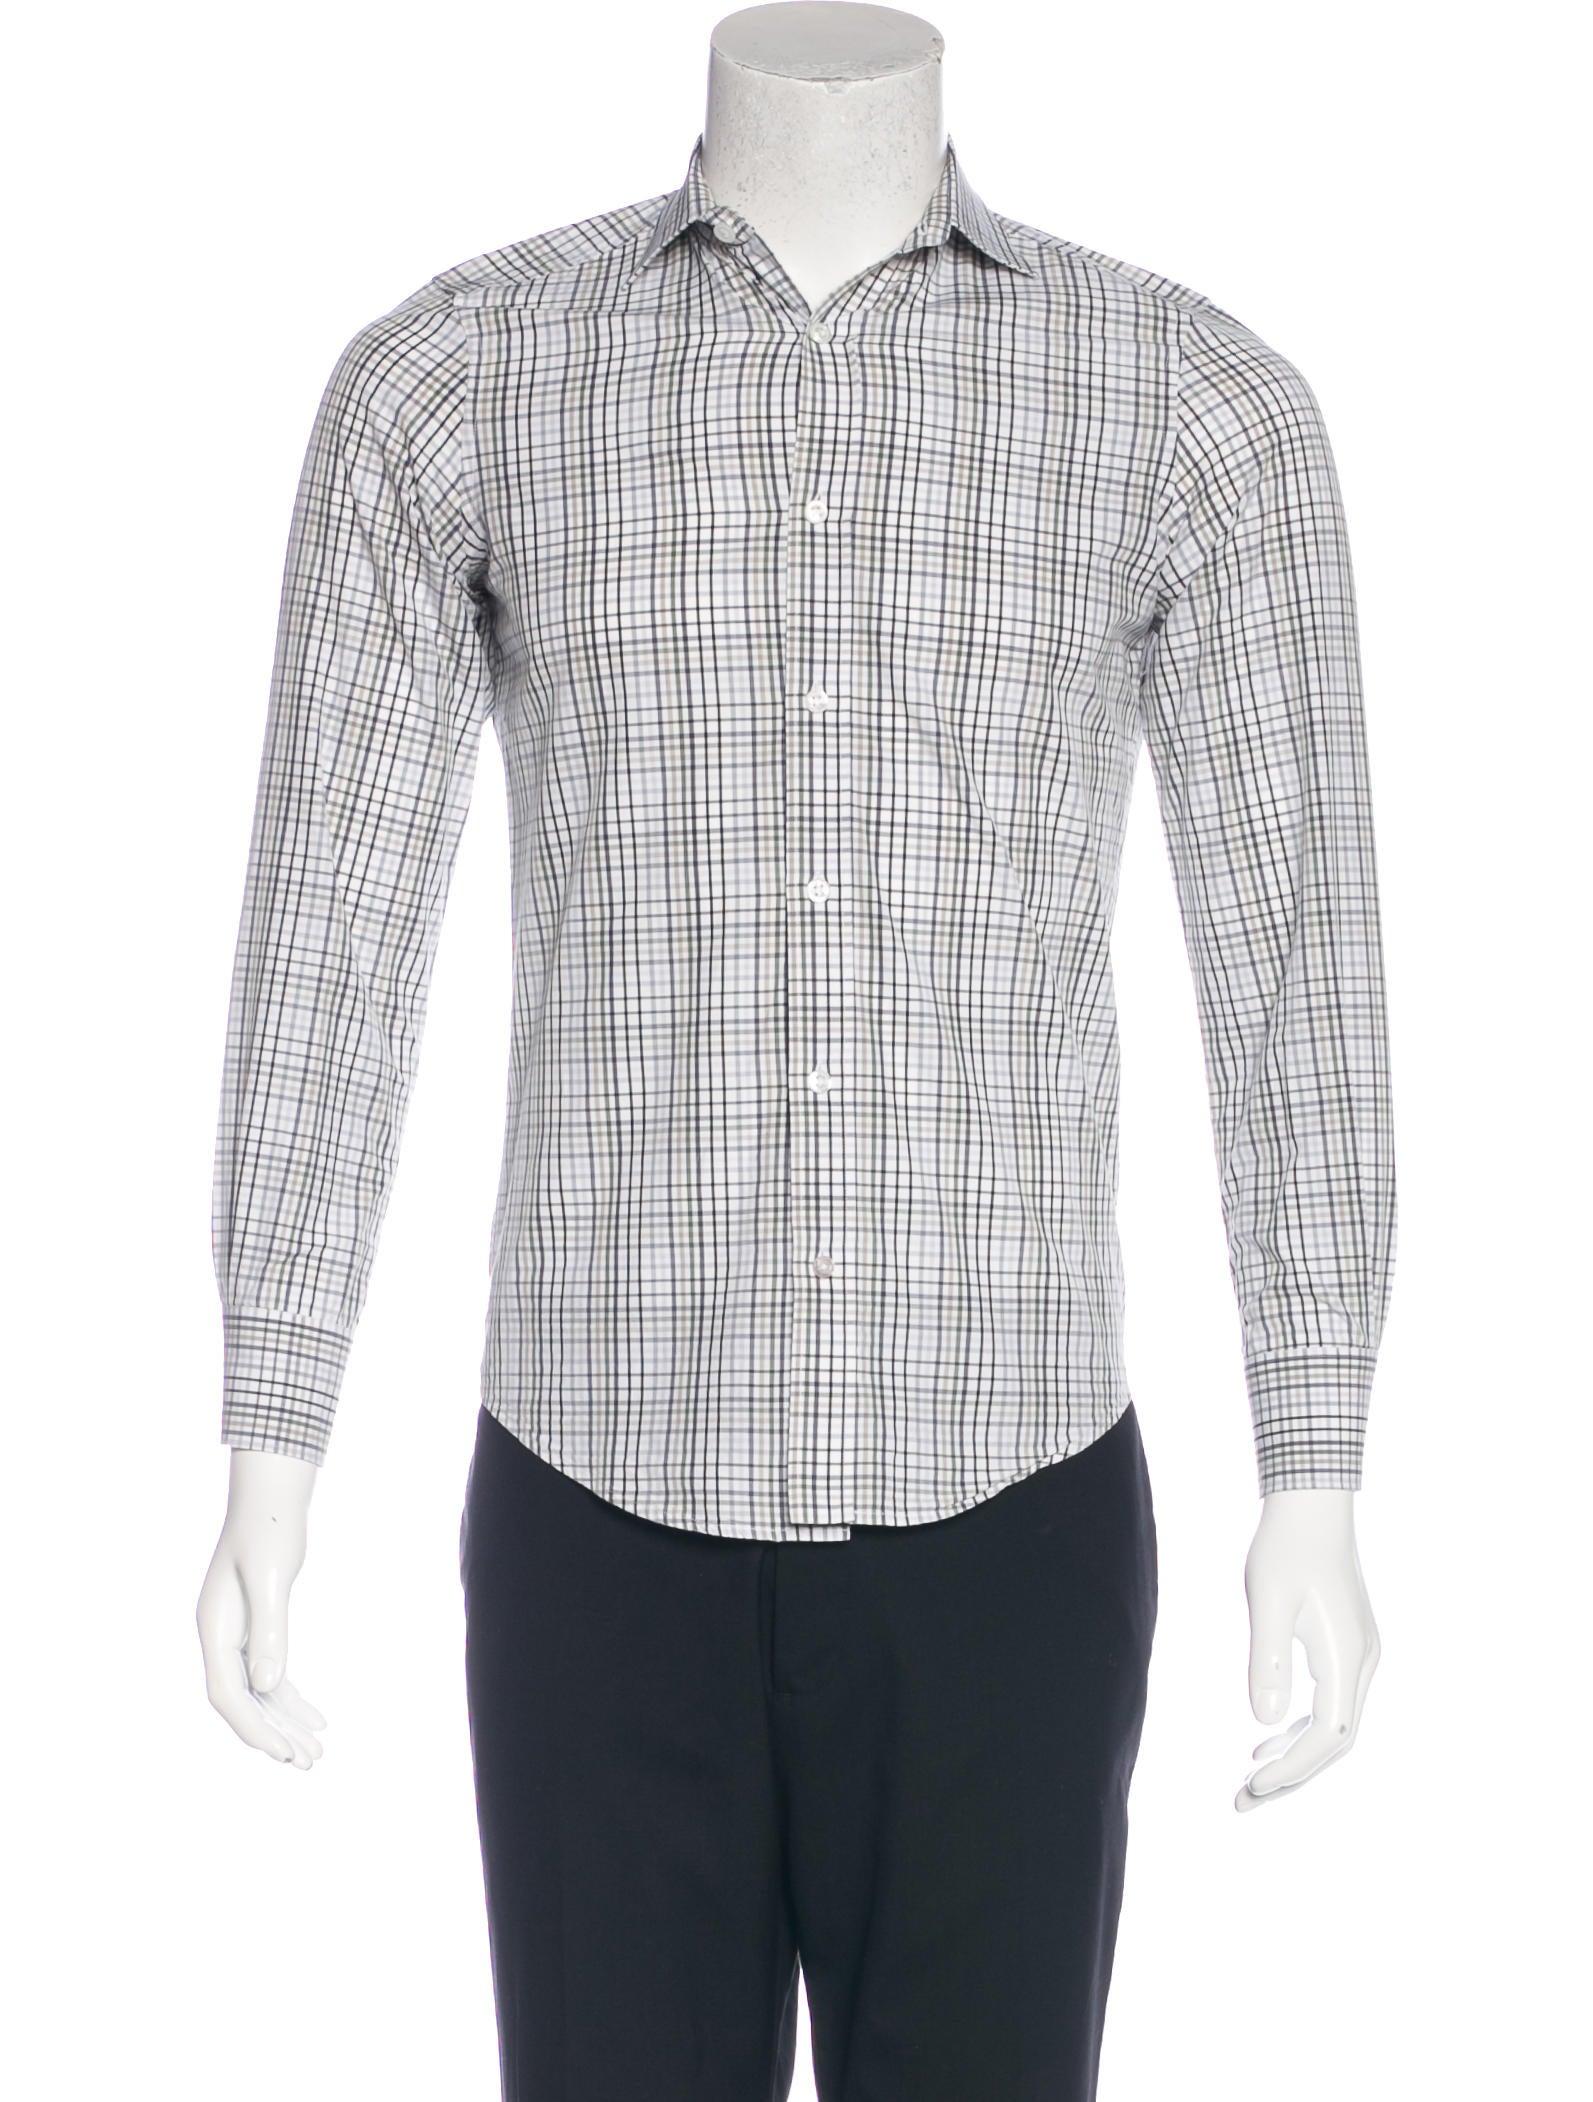 Yves saint laurent plaid button up shirt clothing for Yves saint laurent white t shirt